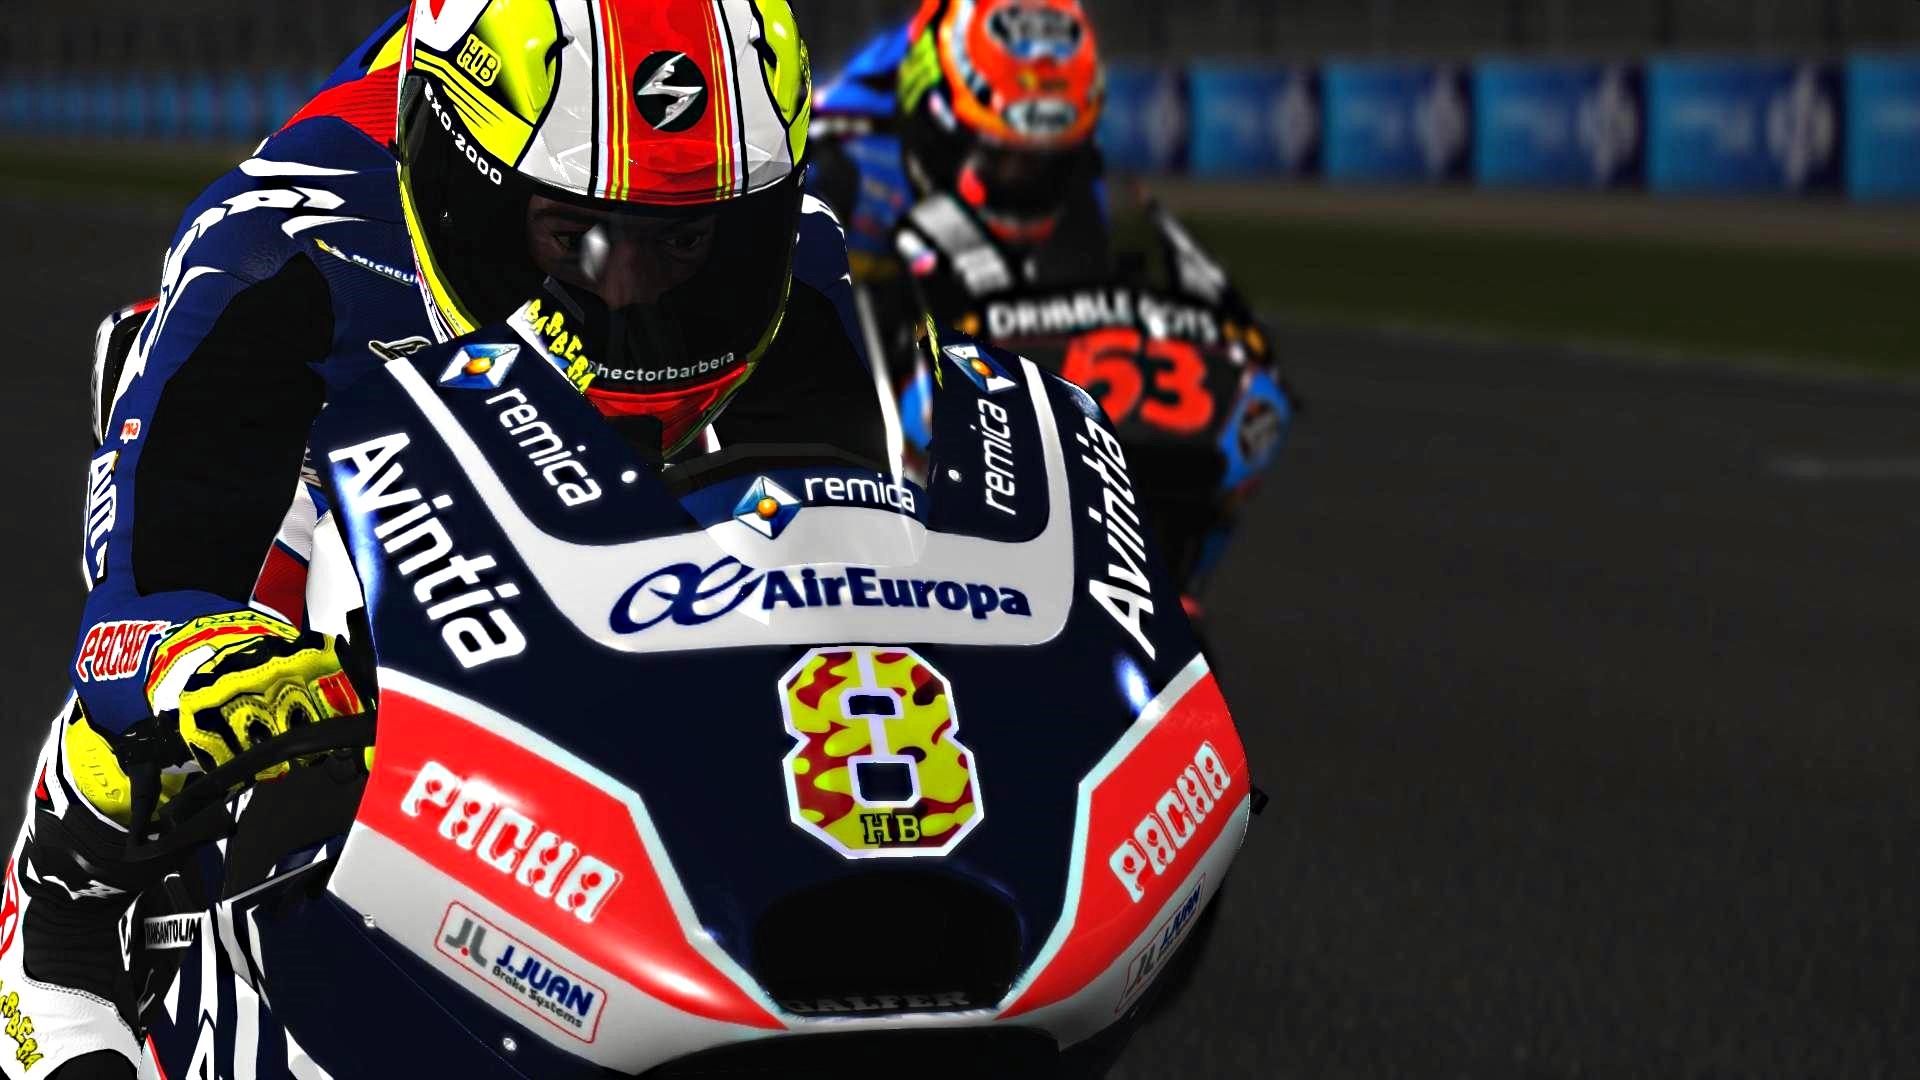 MotoGPVR46X64 2016-07-08 21-29-14-91.jpg